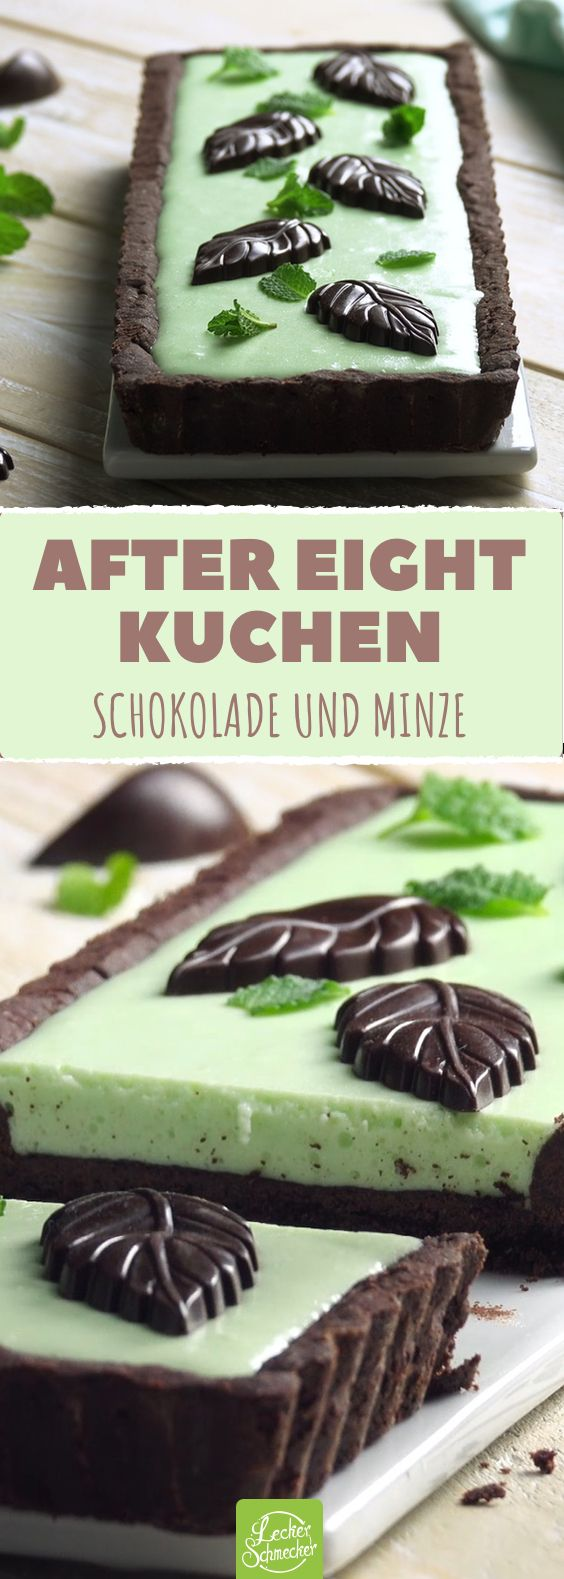 After Eight Kuchen Backen In 2018 Pinterest Kuchen Backen Und